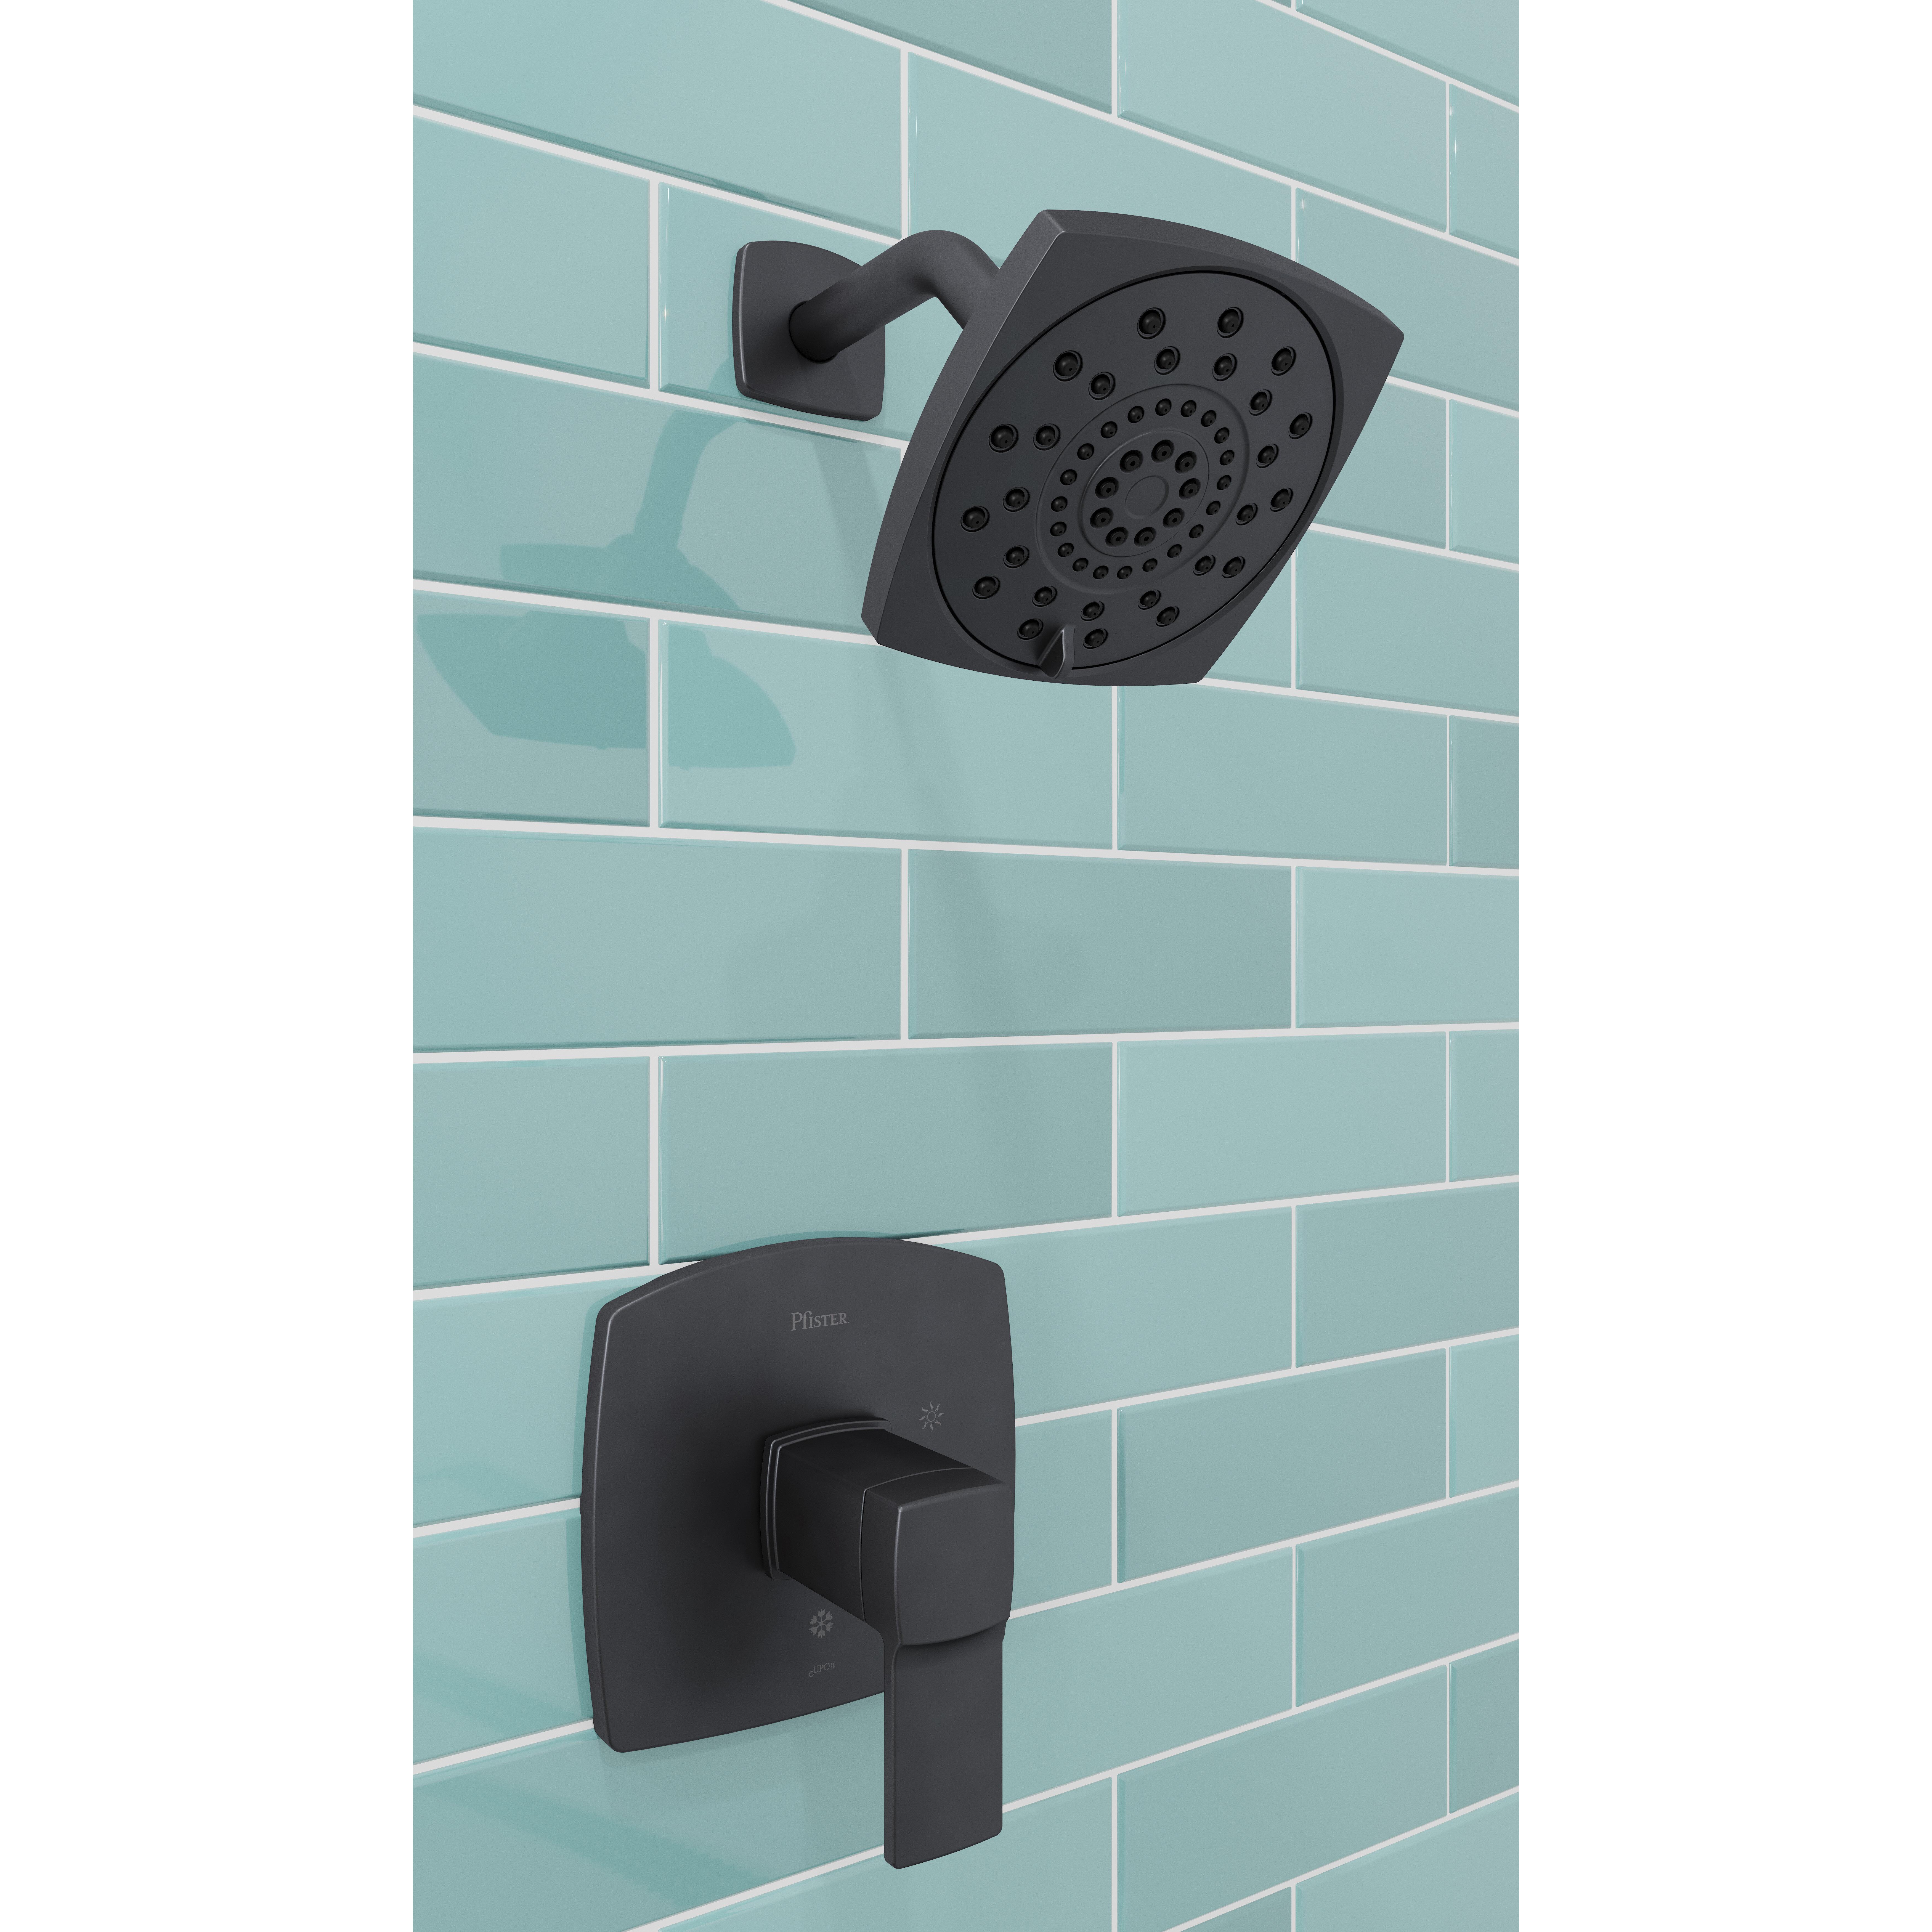 Pfister Deckard Dual Function Shower Faucet With Trim Reviews Wayfair